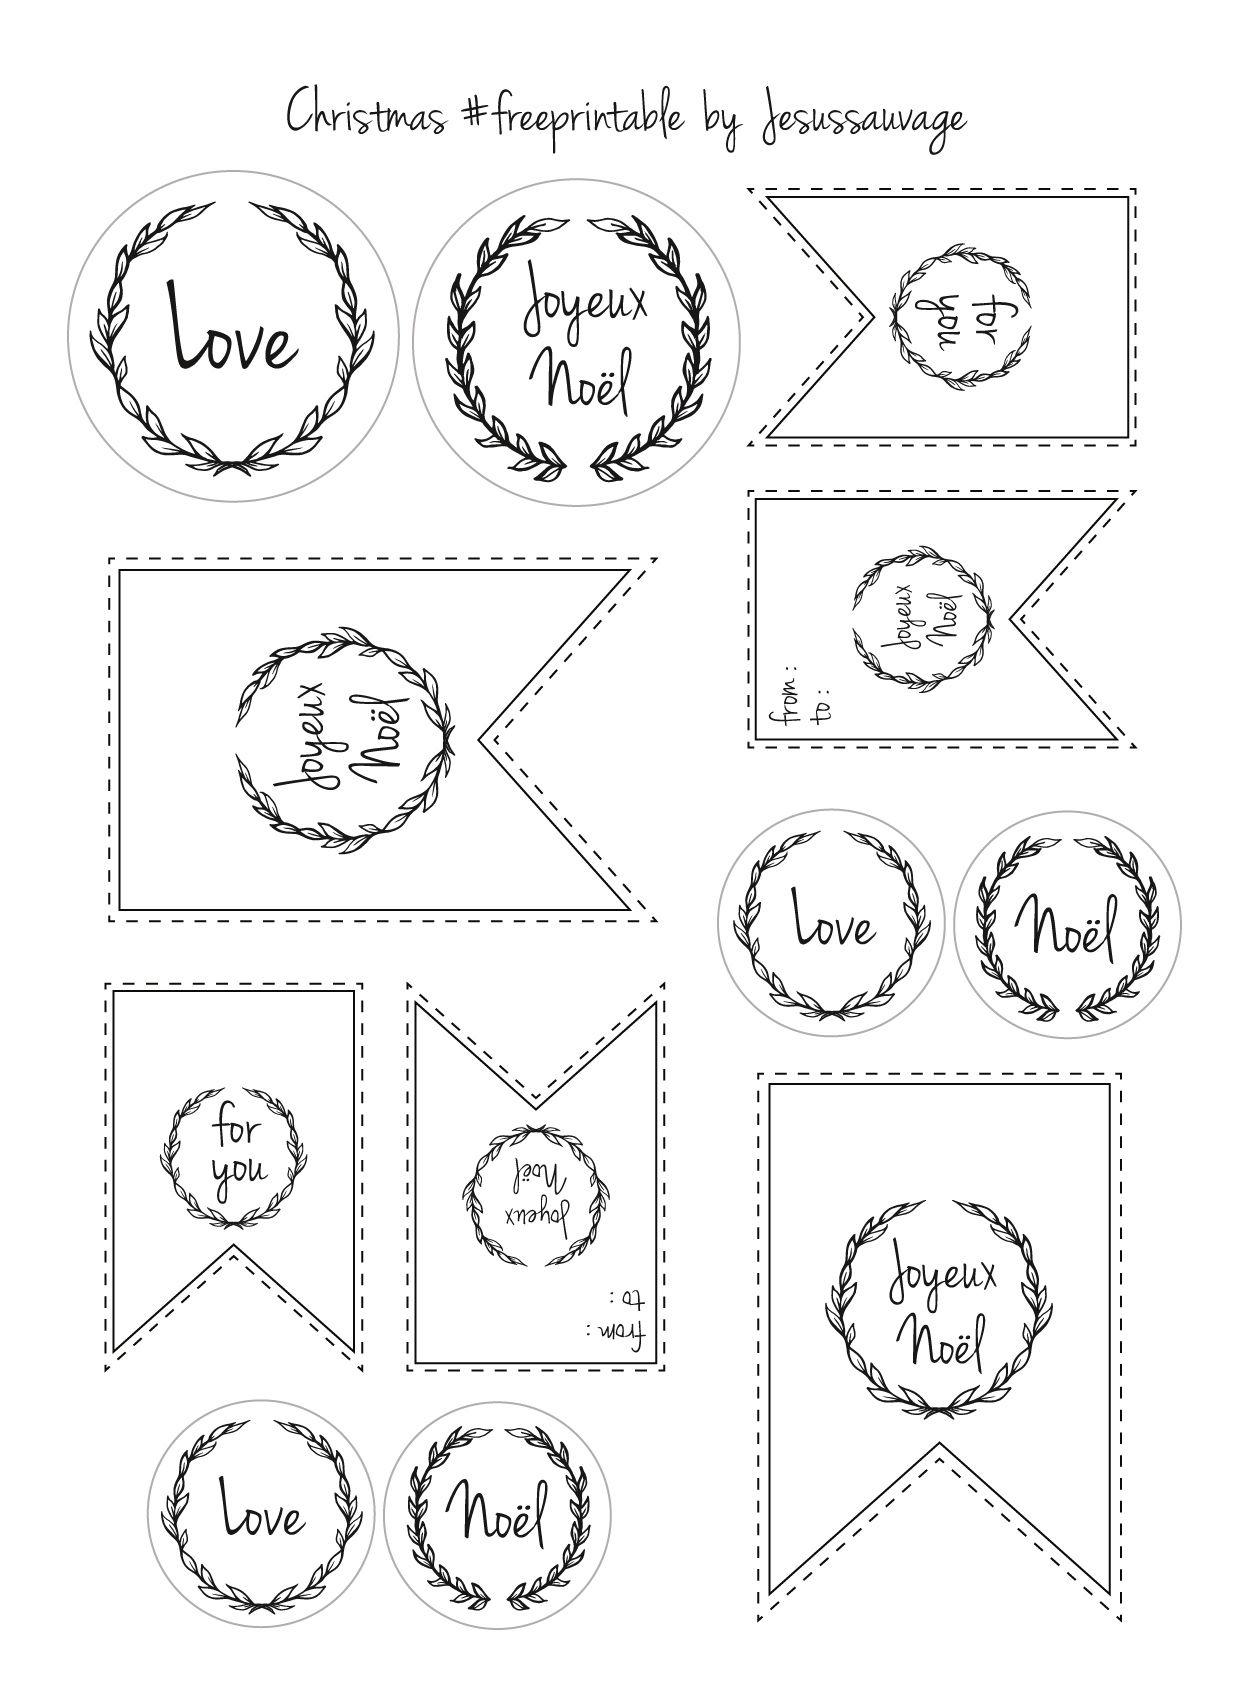 Les Étiquettes Gratuites De Noël À Imprimer | Etiquettes avec Etiquette Cadeau Noel A Imprimer Gratuitement